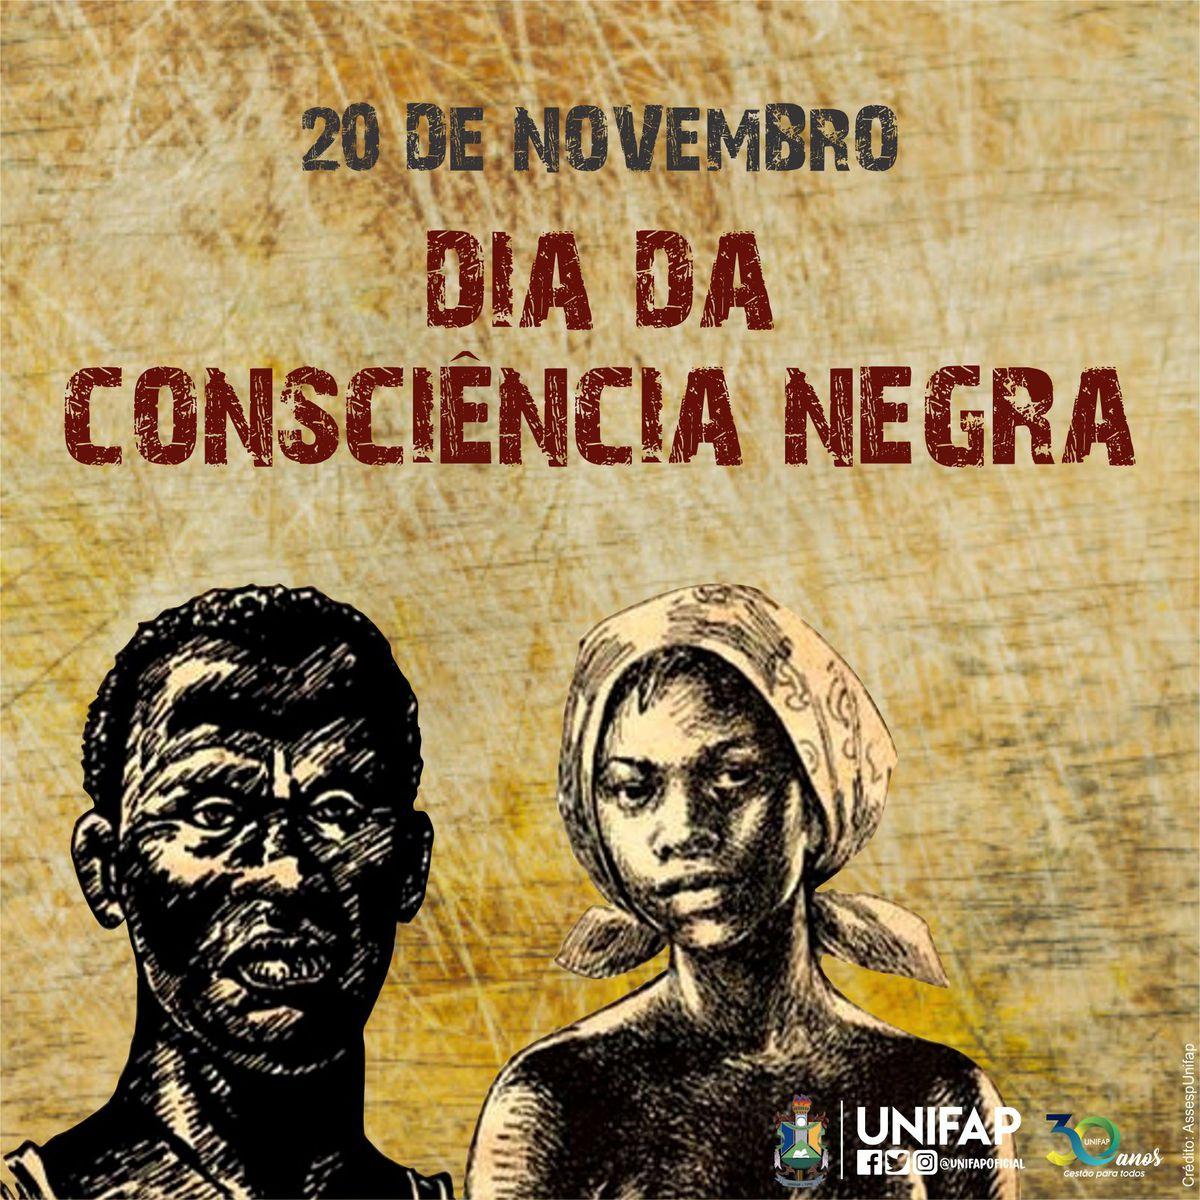 Mensagem do Núcleo de Estudos Afro-Brasileiros (NEAB) pelo Dia da Consciência Negra